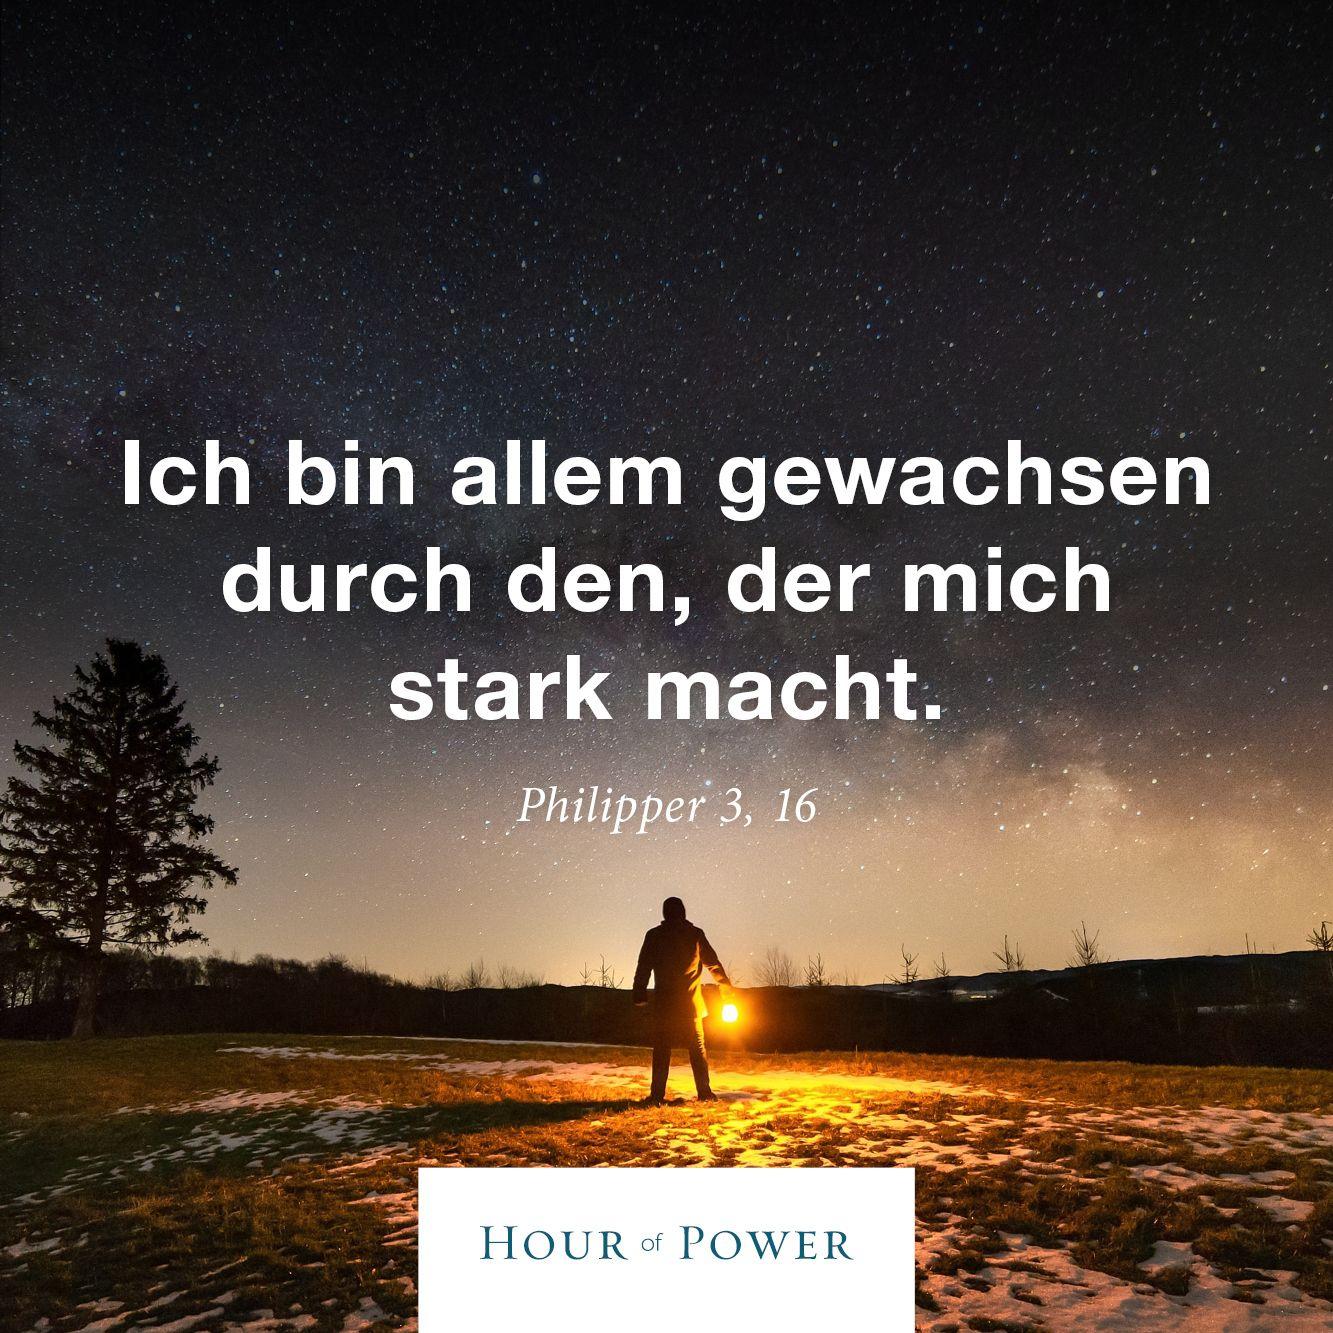 Egal Welche Herausforderungen Diese Woche Auf Dich Warten Mit Gott Auf Deiner Seite Kannst Du Sie Meistern Bibelverse Bibel Vers Bibel